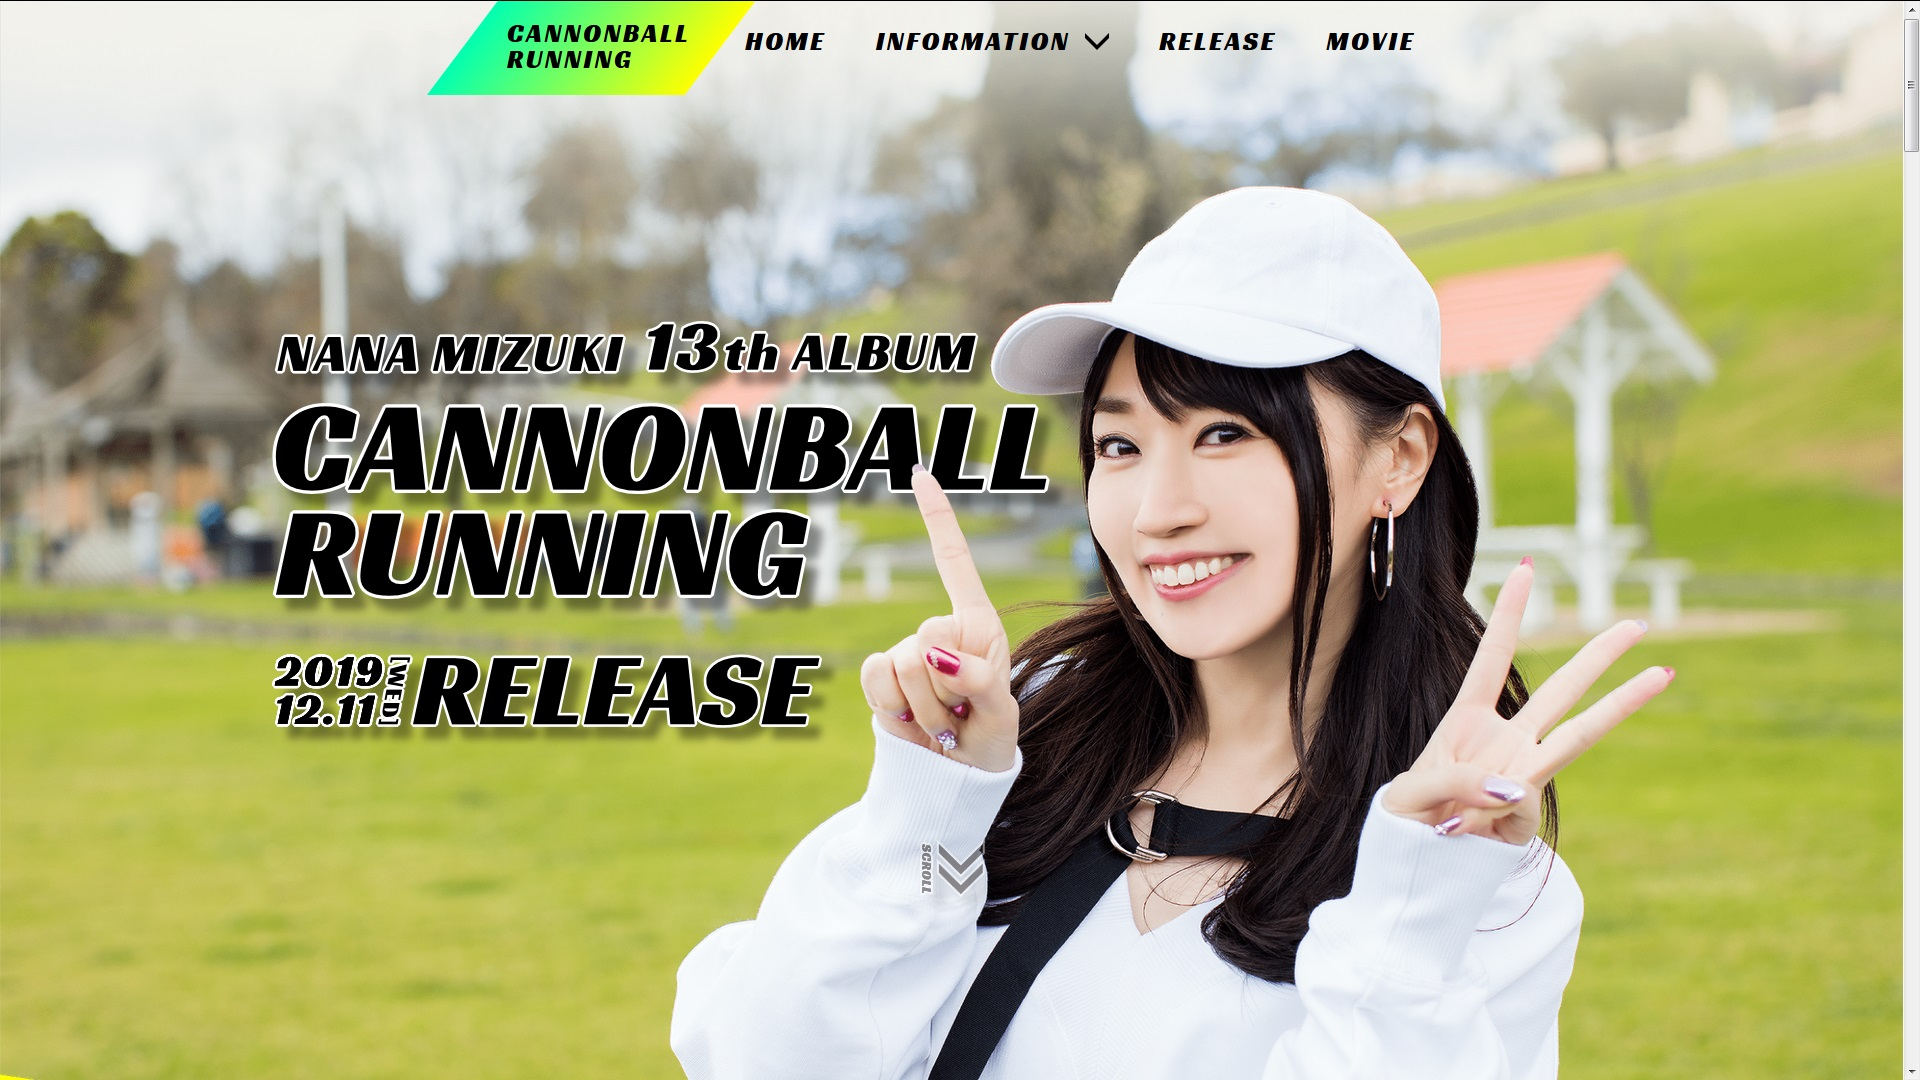 水樹奈々さんの13thアルバム Cannonball Running 特設サイト公開